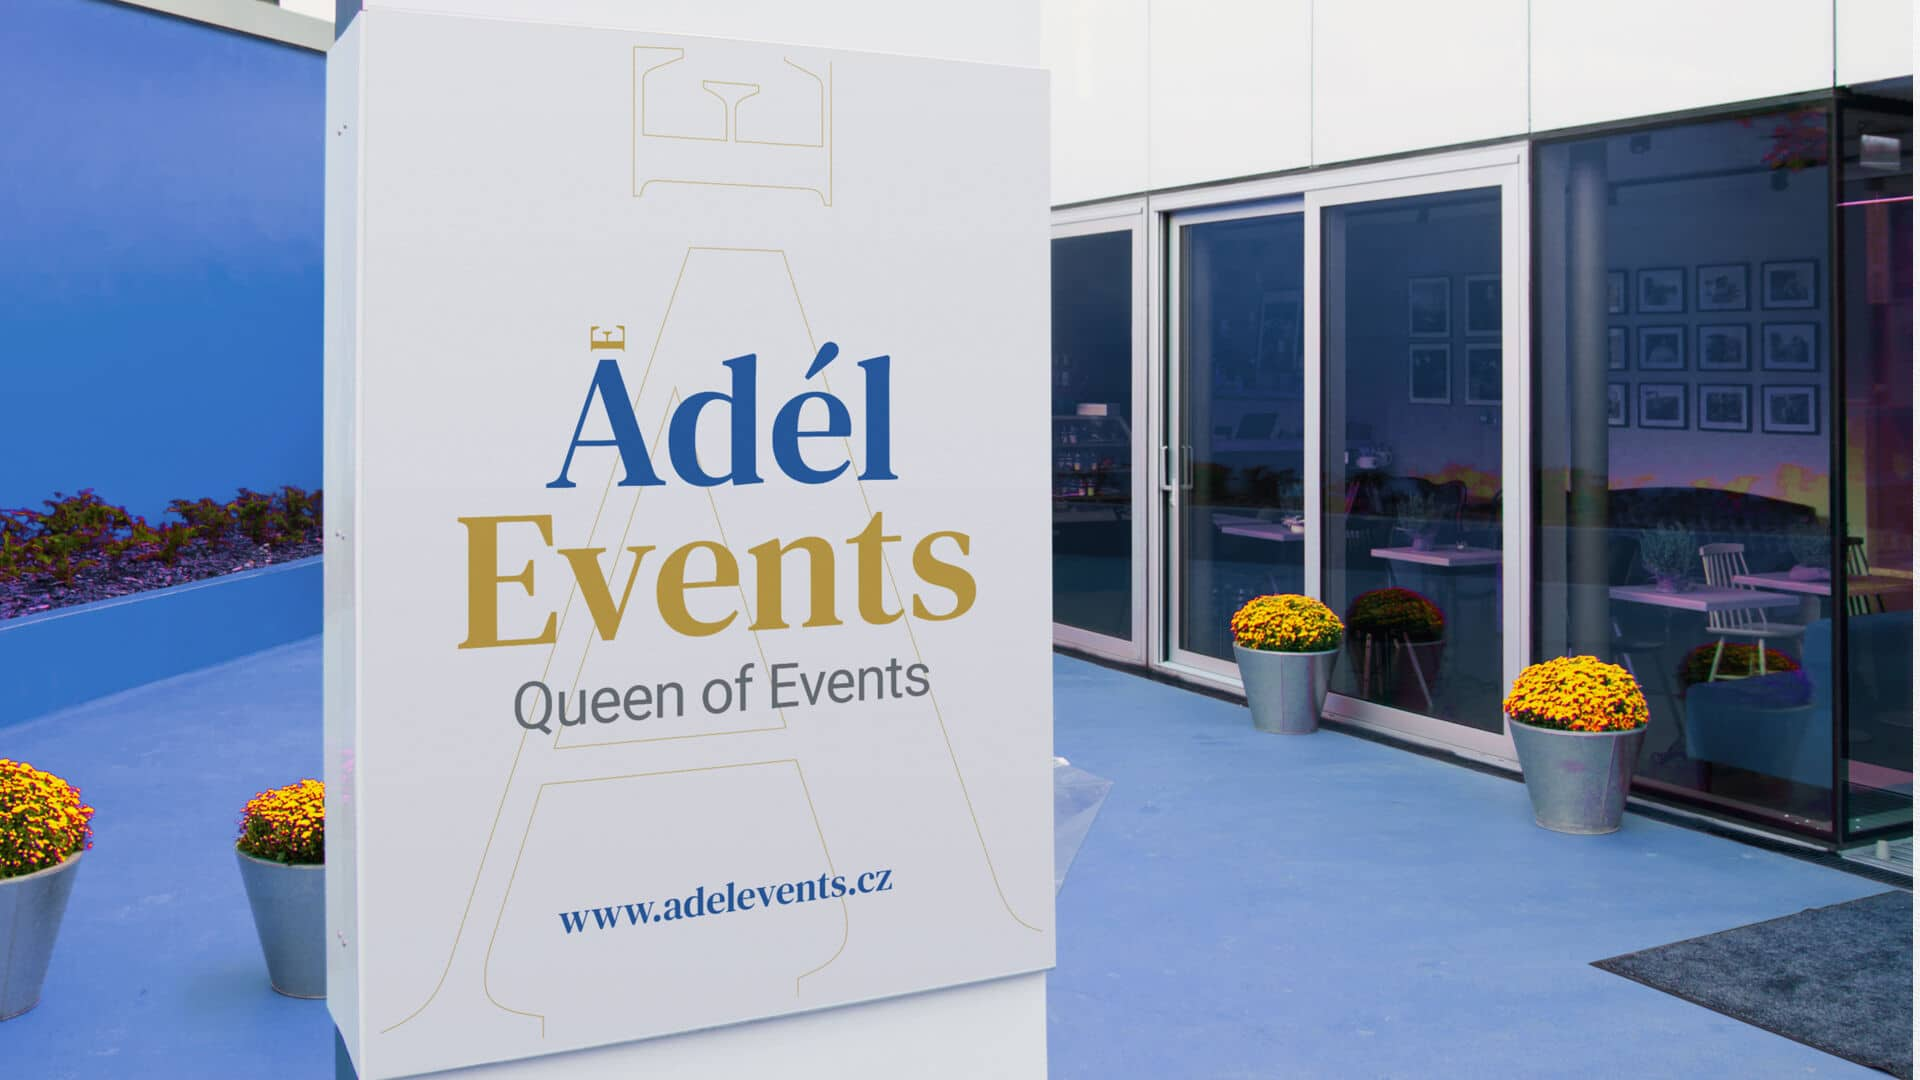 Tvorba loga avizuální identity Adel events plakát